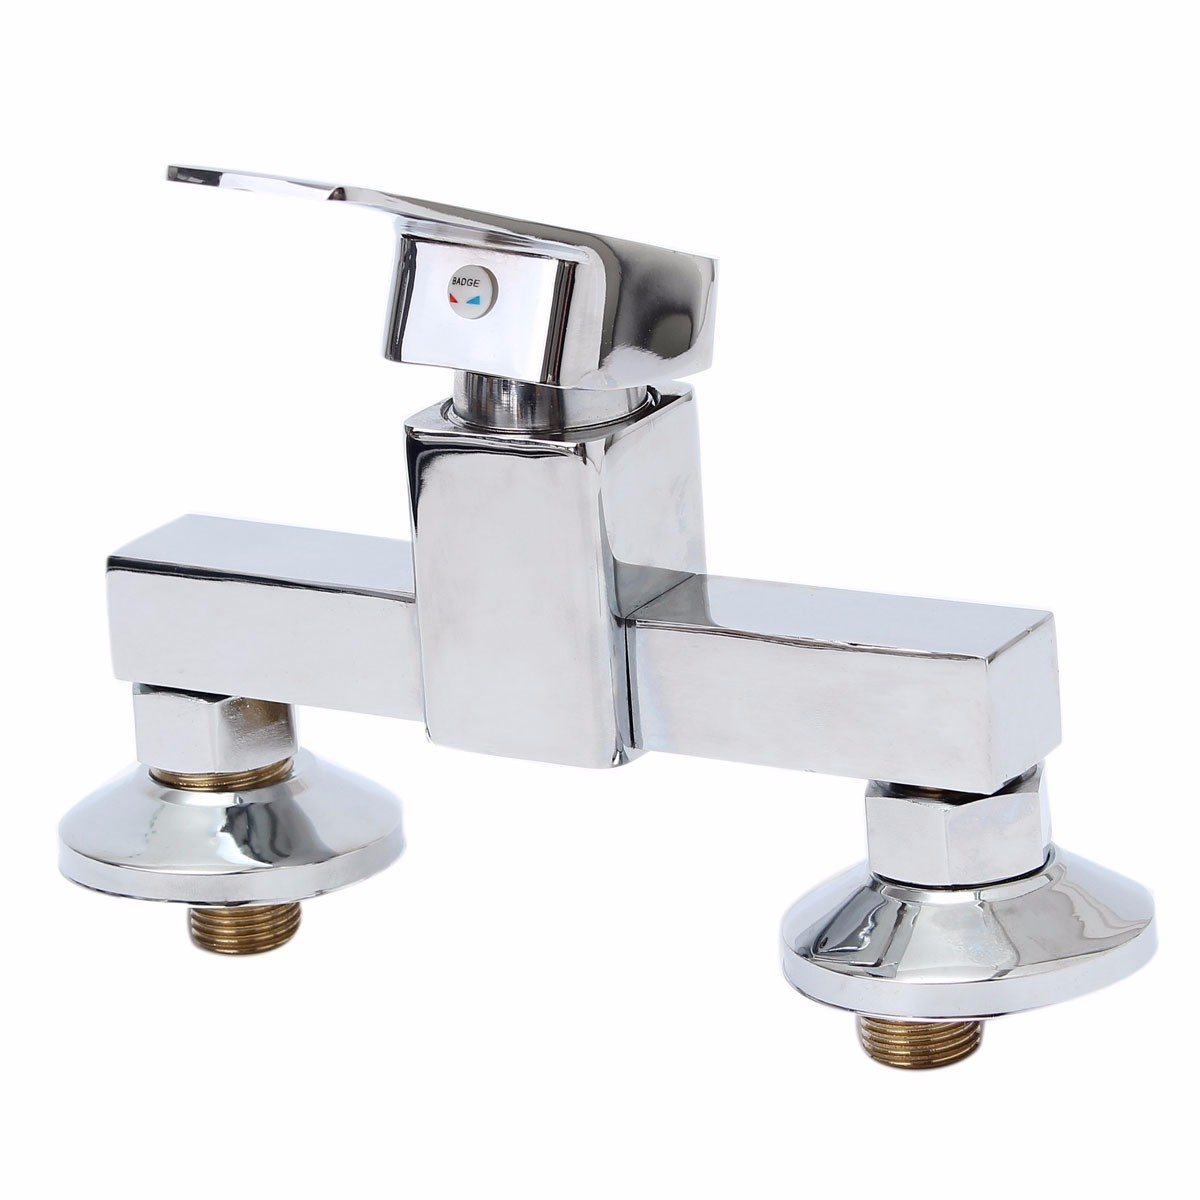 Ванная комната Душевой клапан Горячий холодный смеситель Смеситель для умывальника Медь Настенный фото